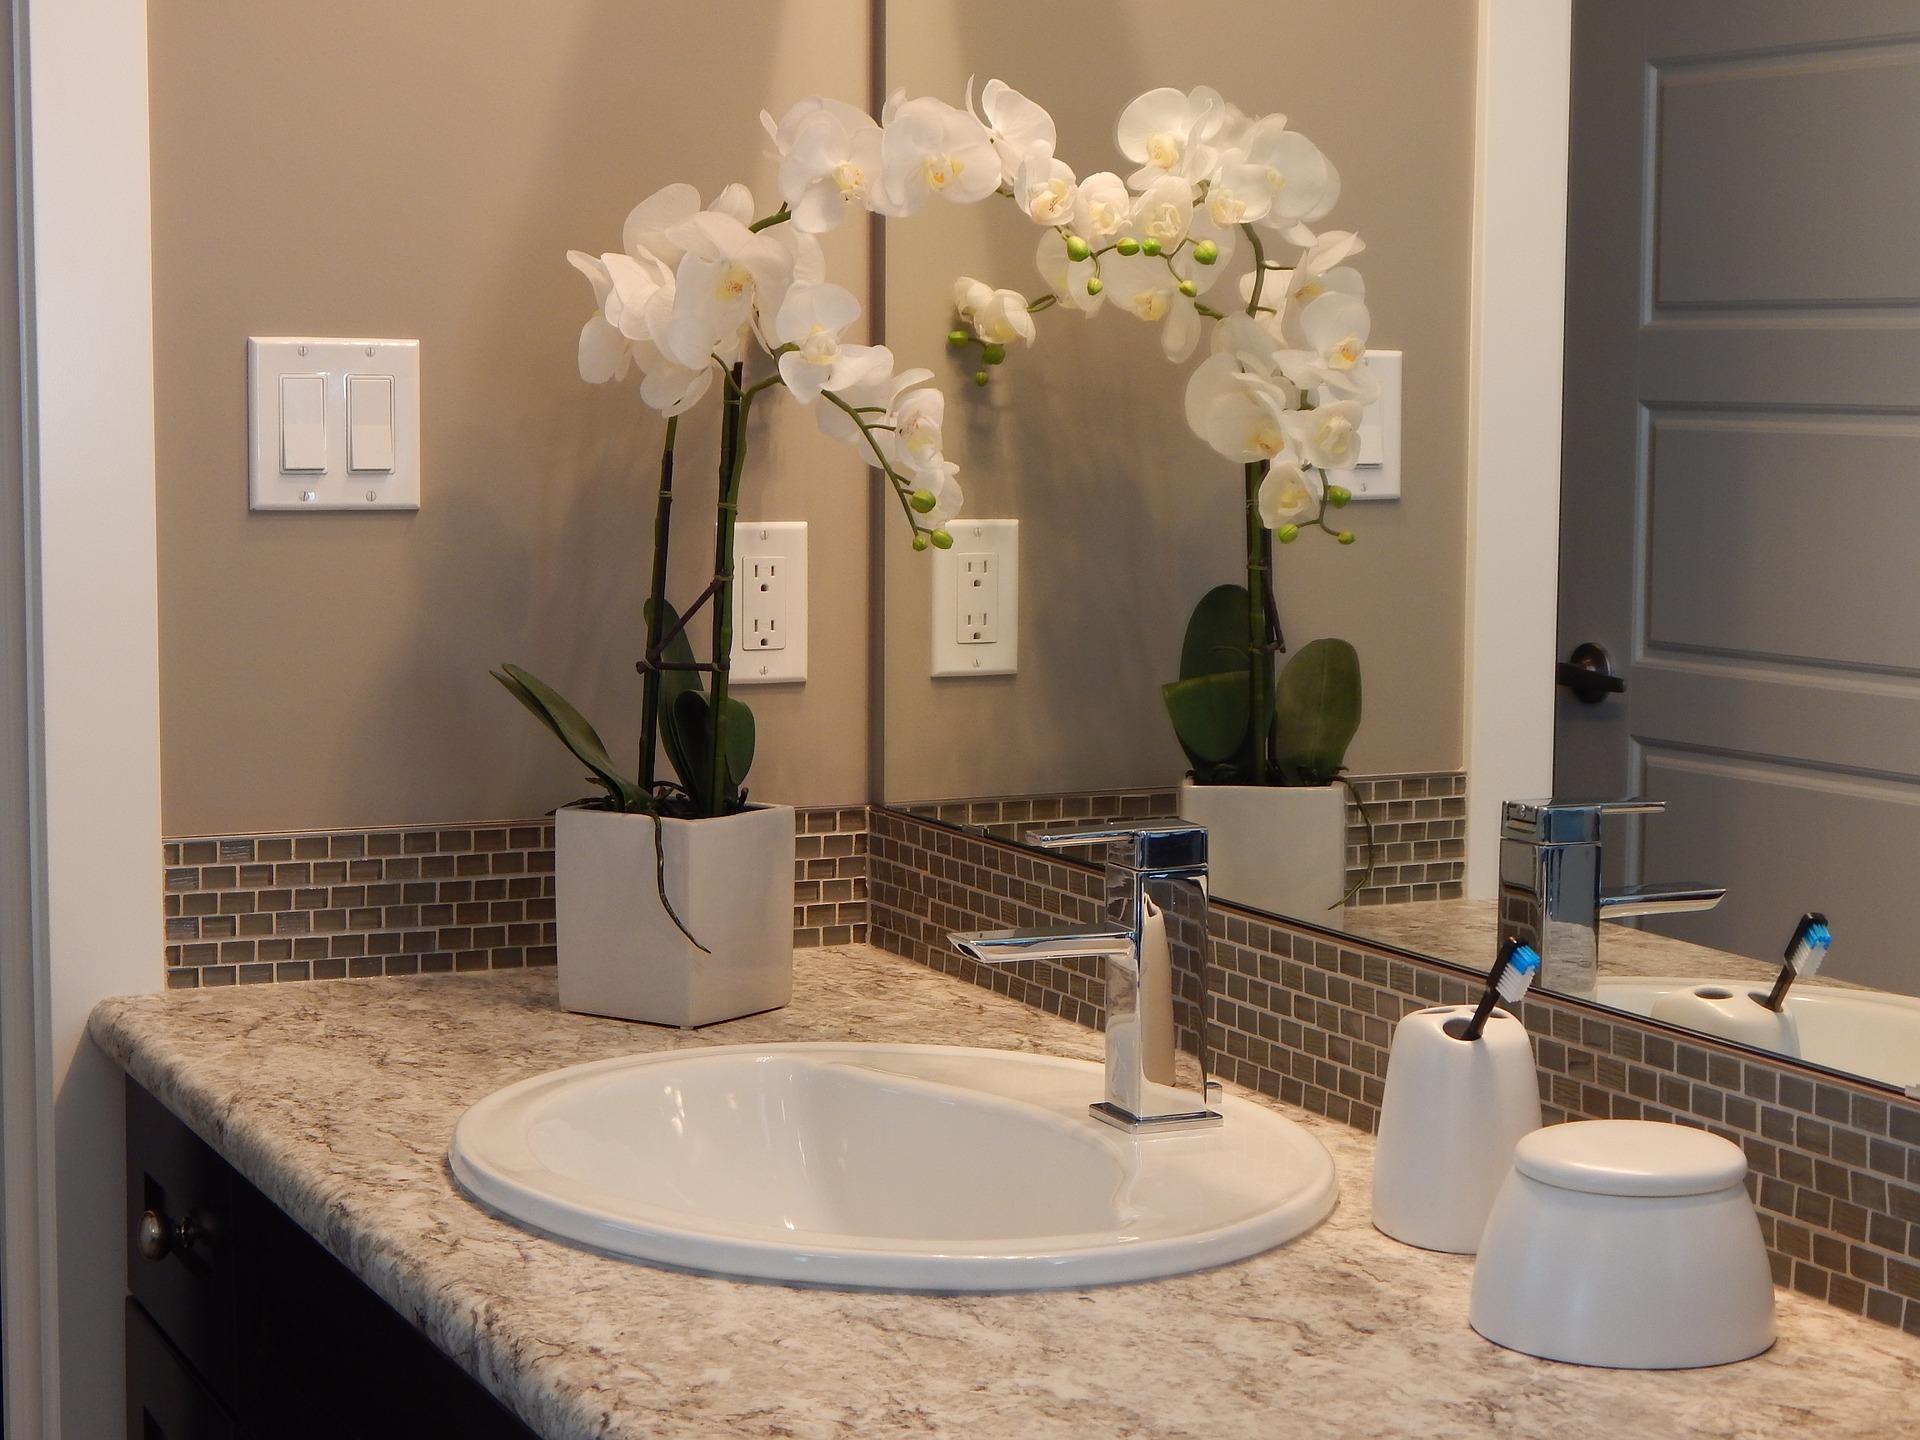 badzubeh r sanit r und einrichtung f r ein traumhaftes badezimmer. Black Bedroom Furniture Sets. Home Design Ideas